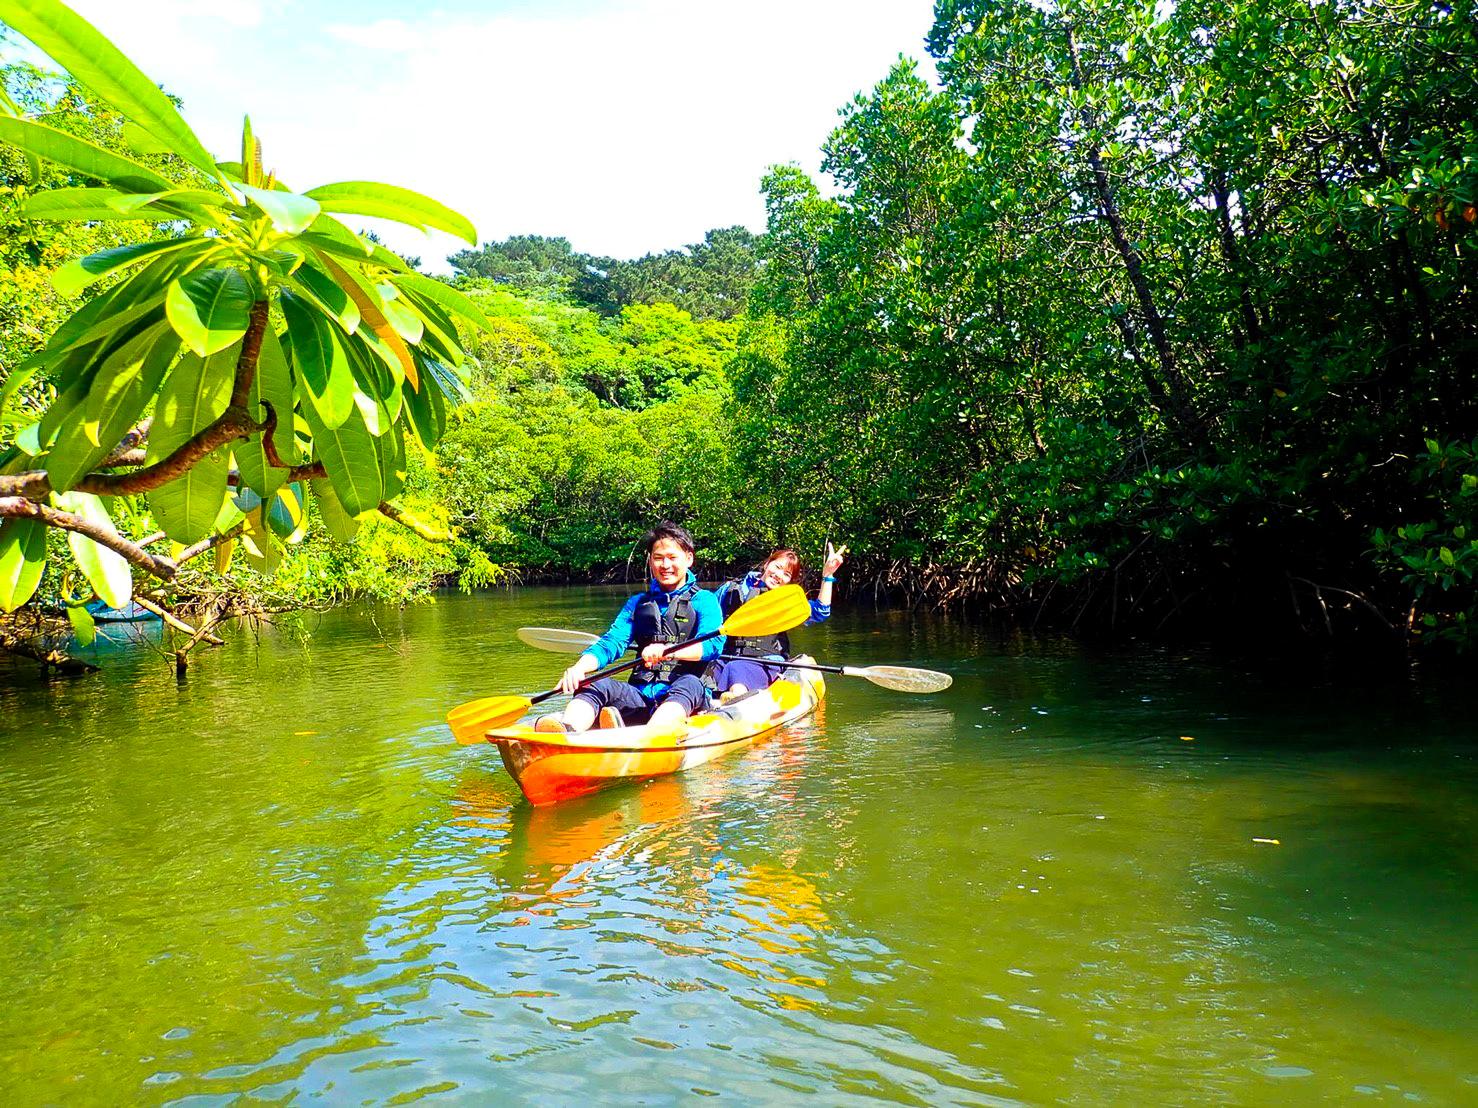 マングローブの中をカヌーで進むカップル